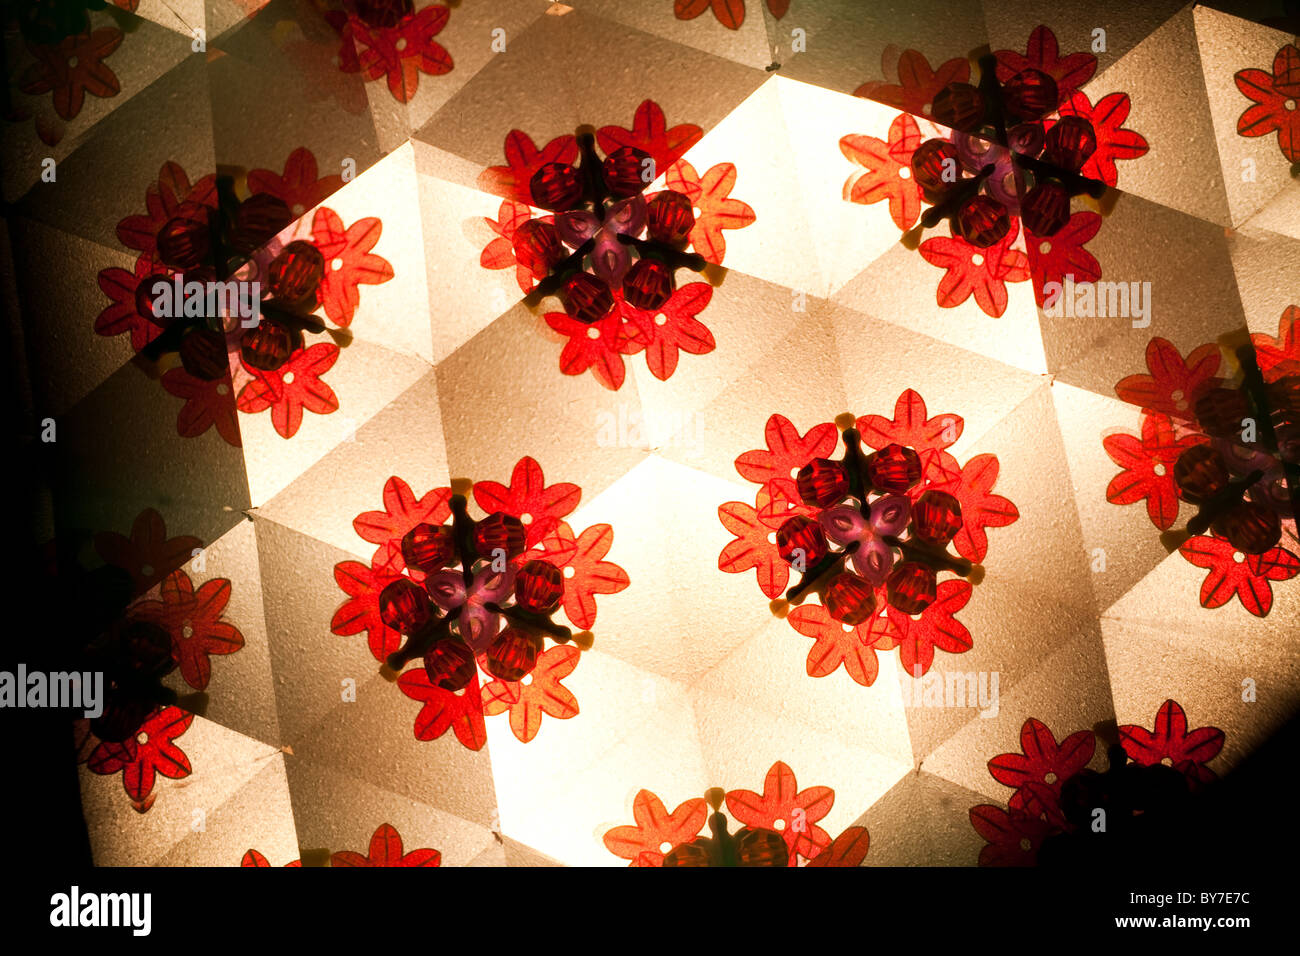 kaleidoscope pattern for background use - Stock Image